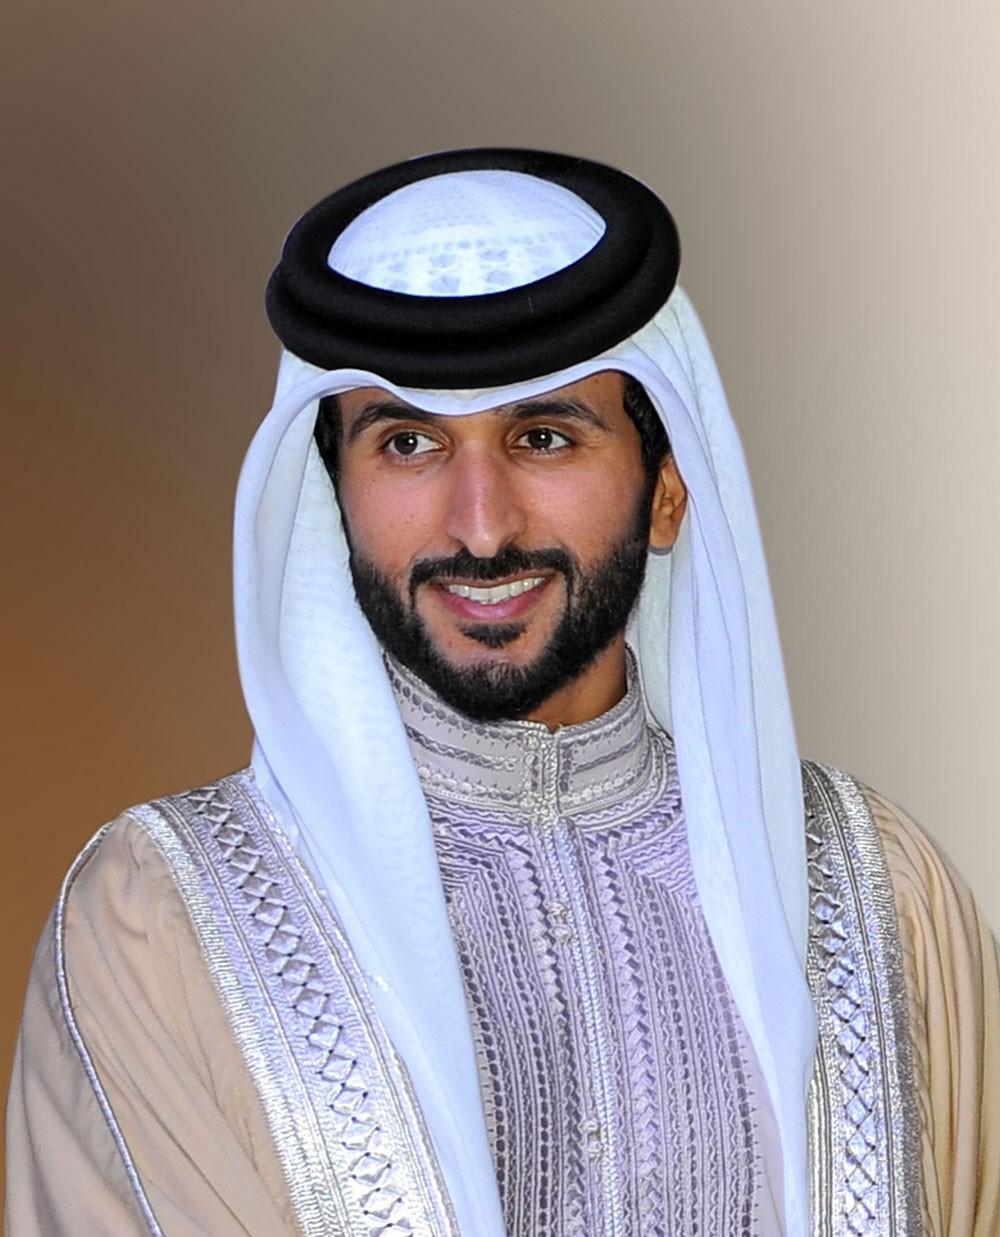 البحرين الأولى عربيا بمؤشر العطاء